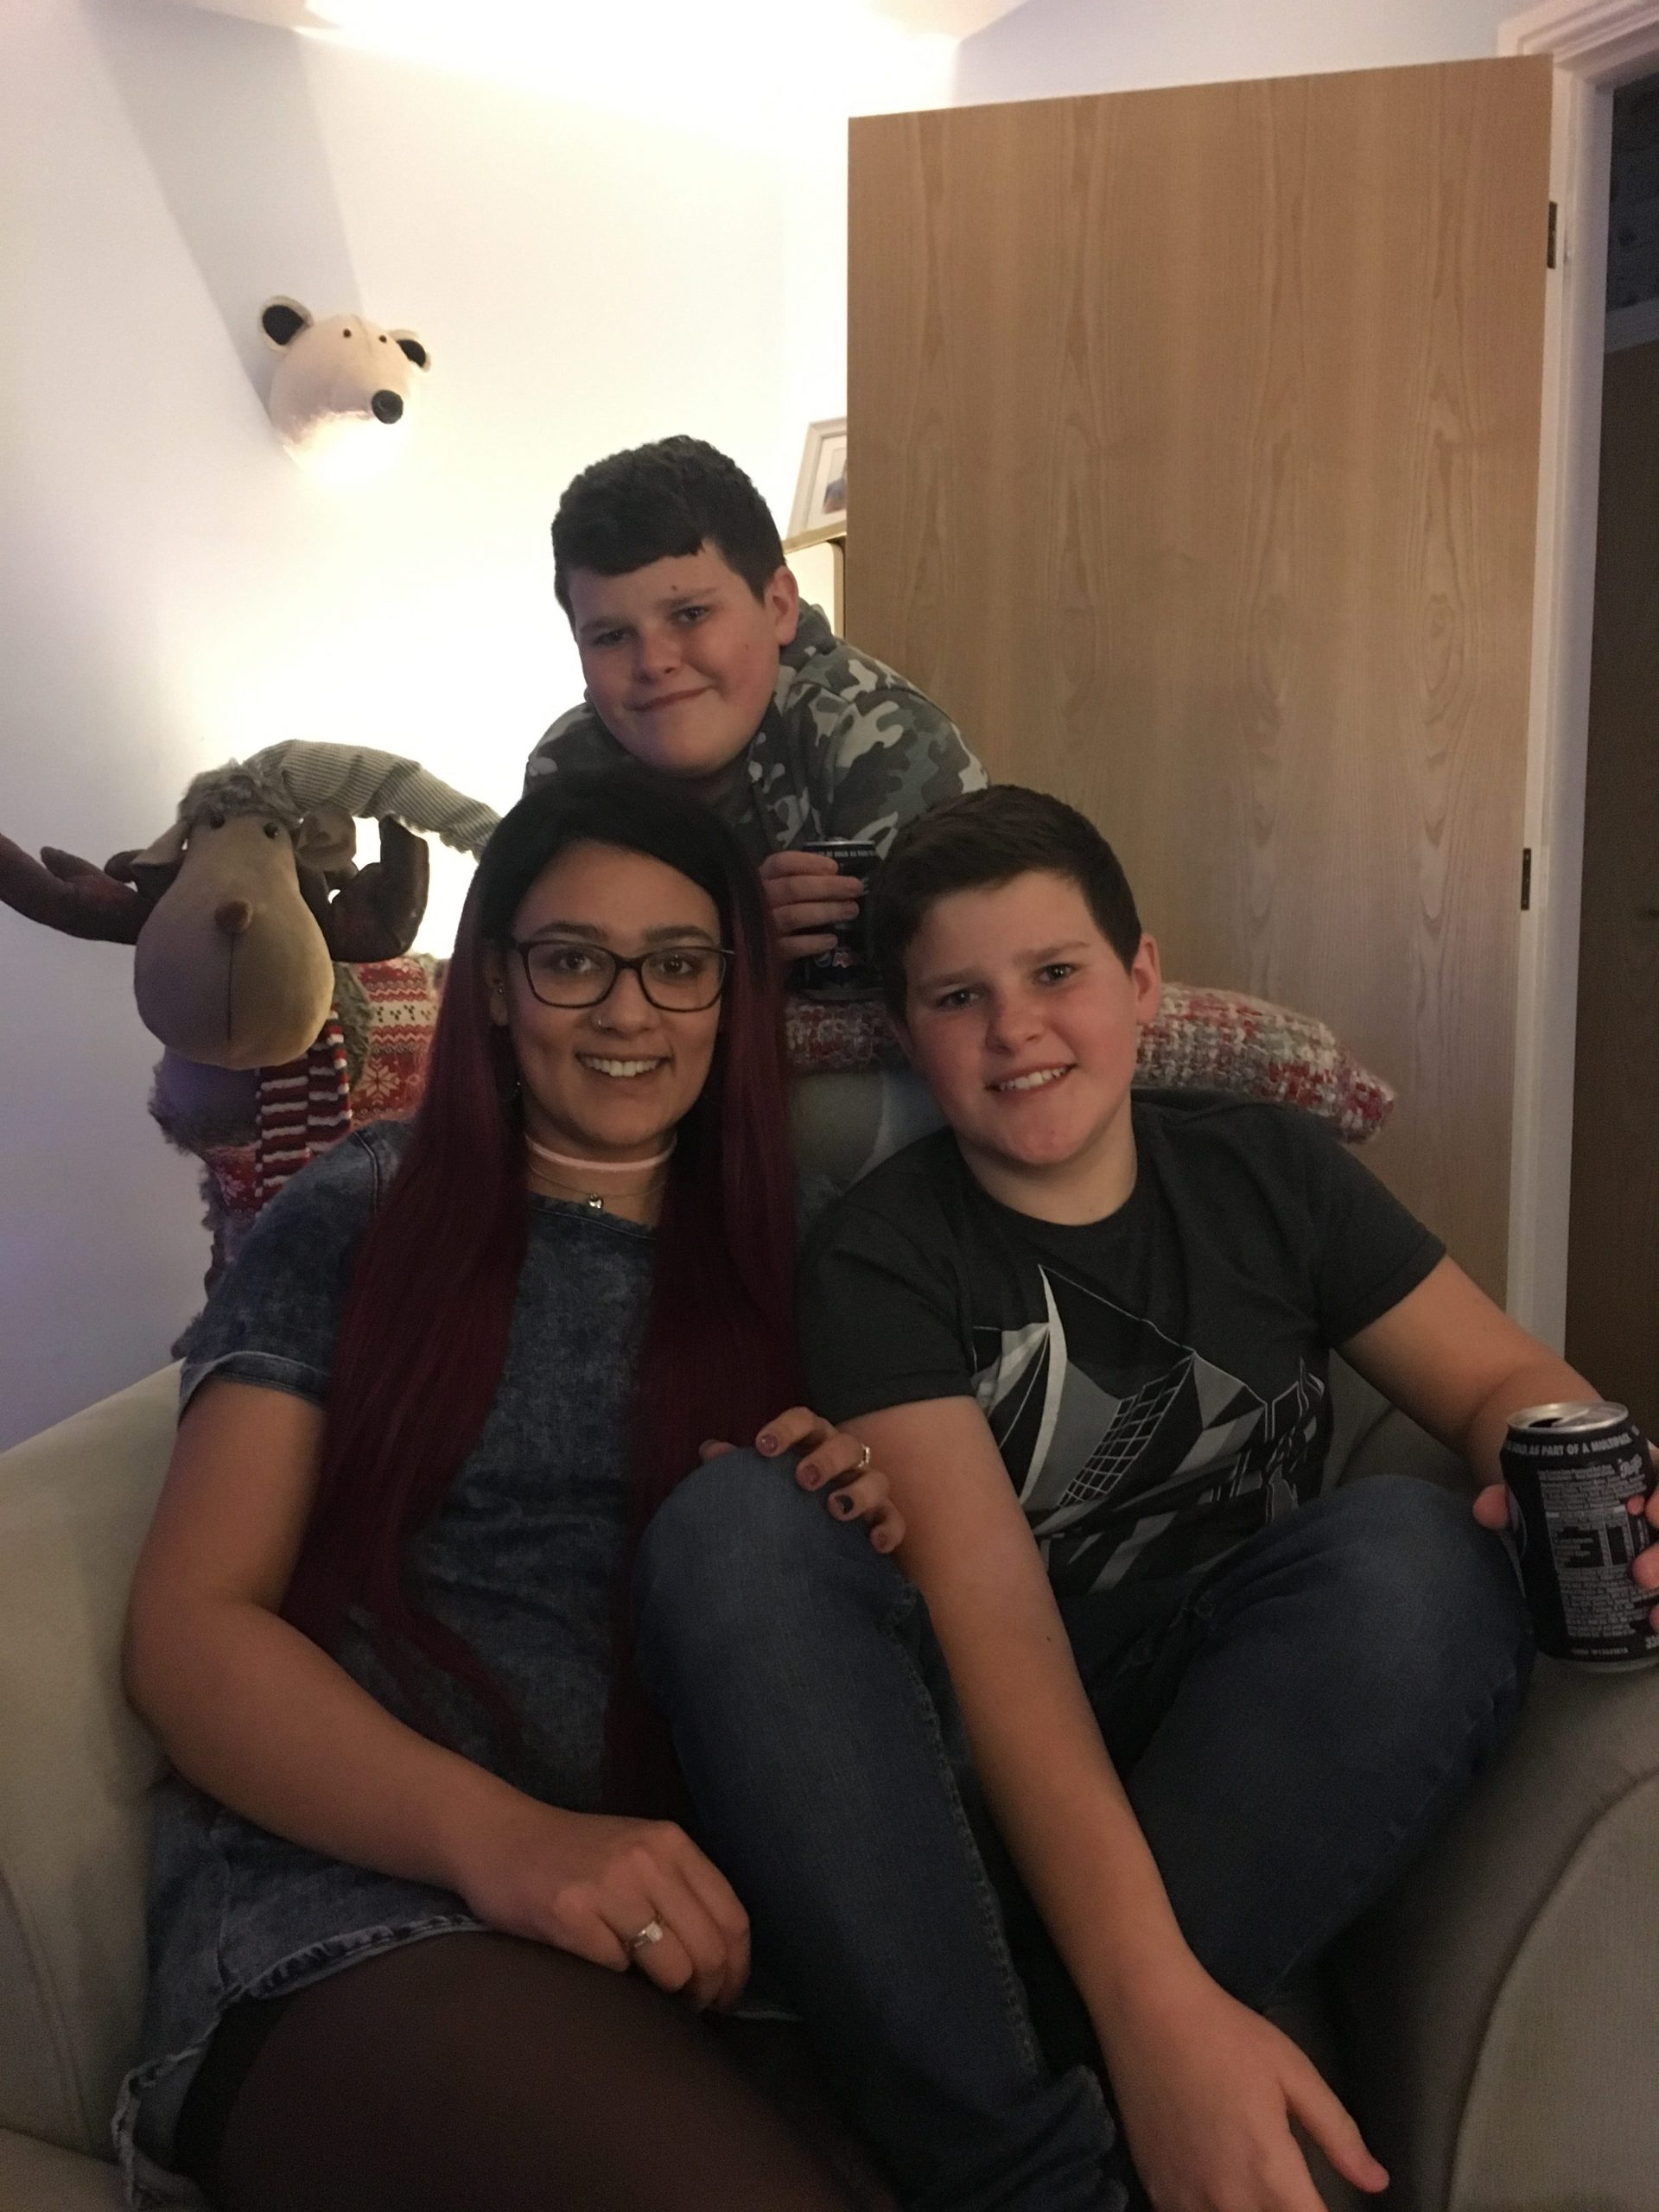 Sophie, Zak and Dan